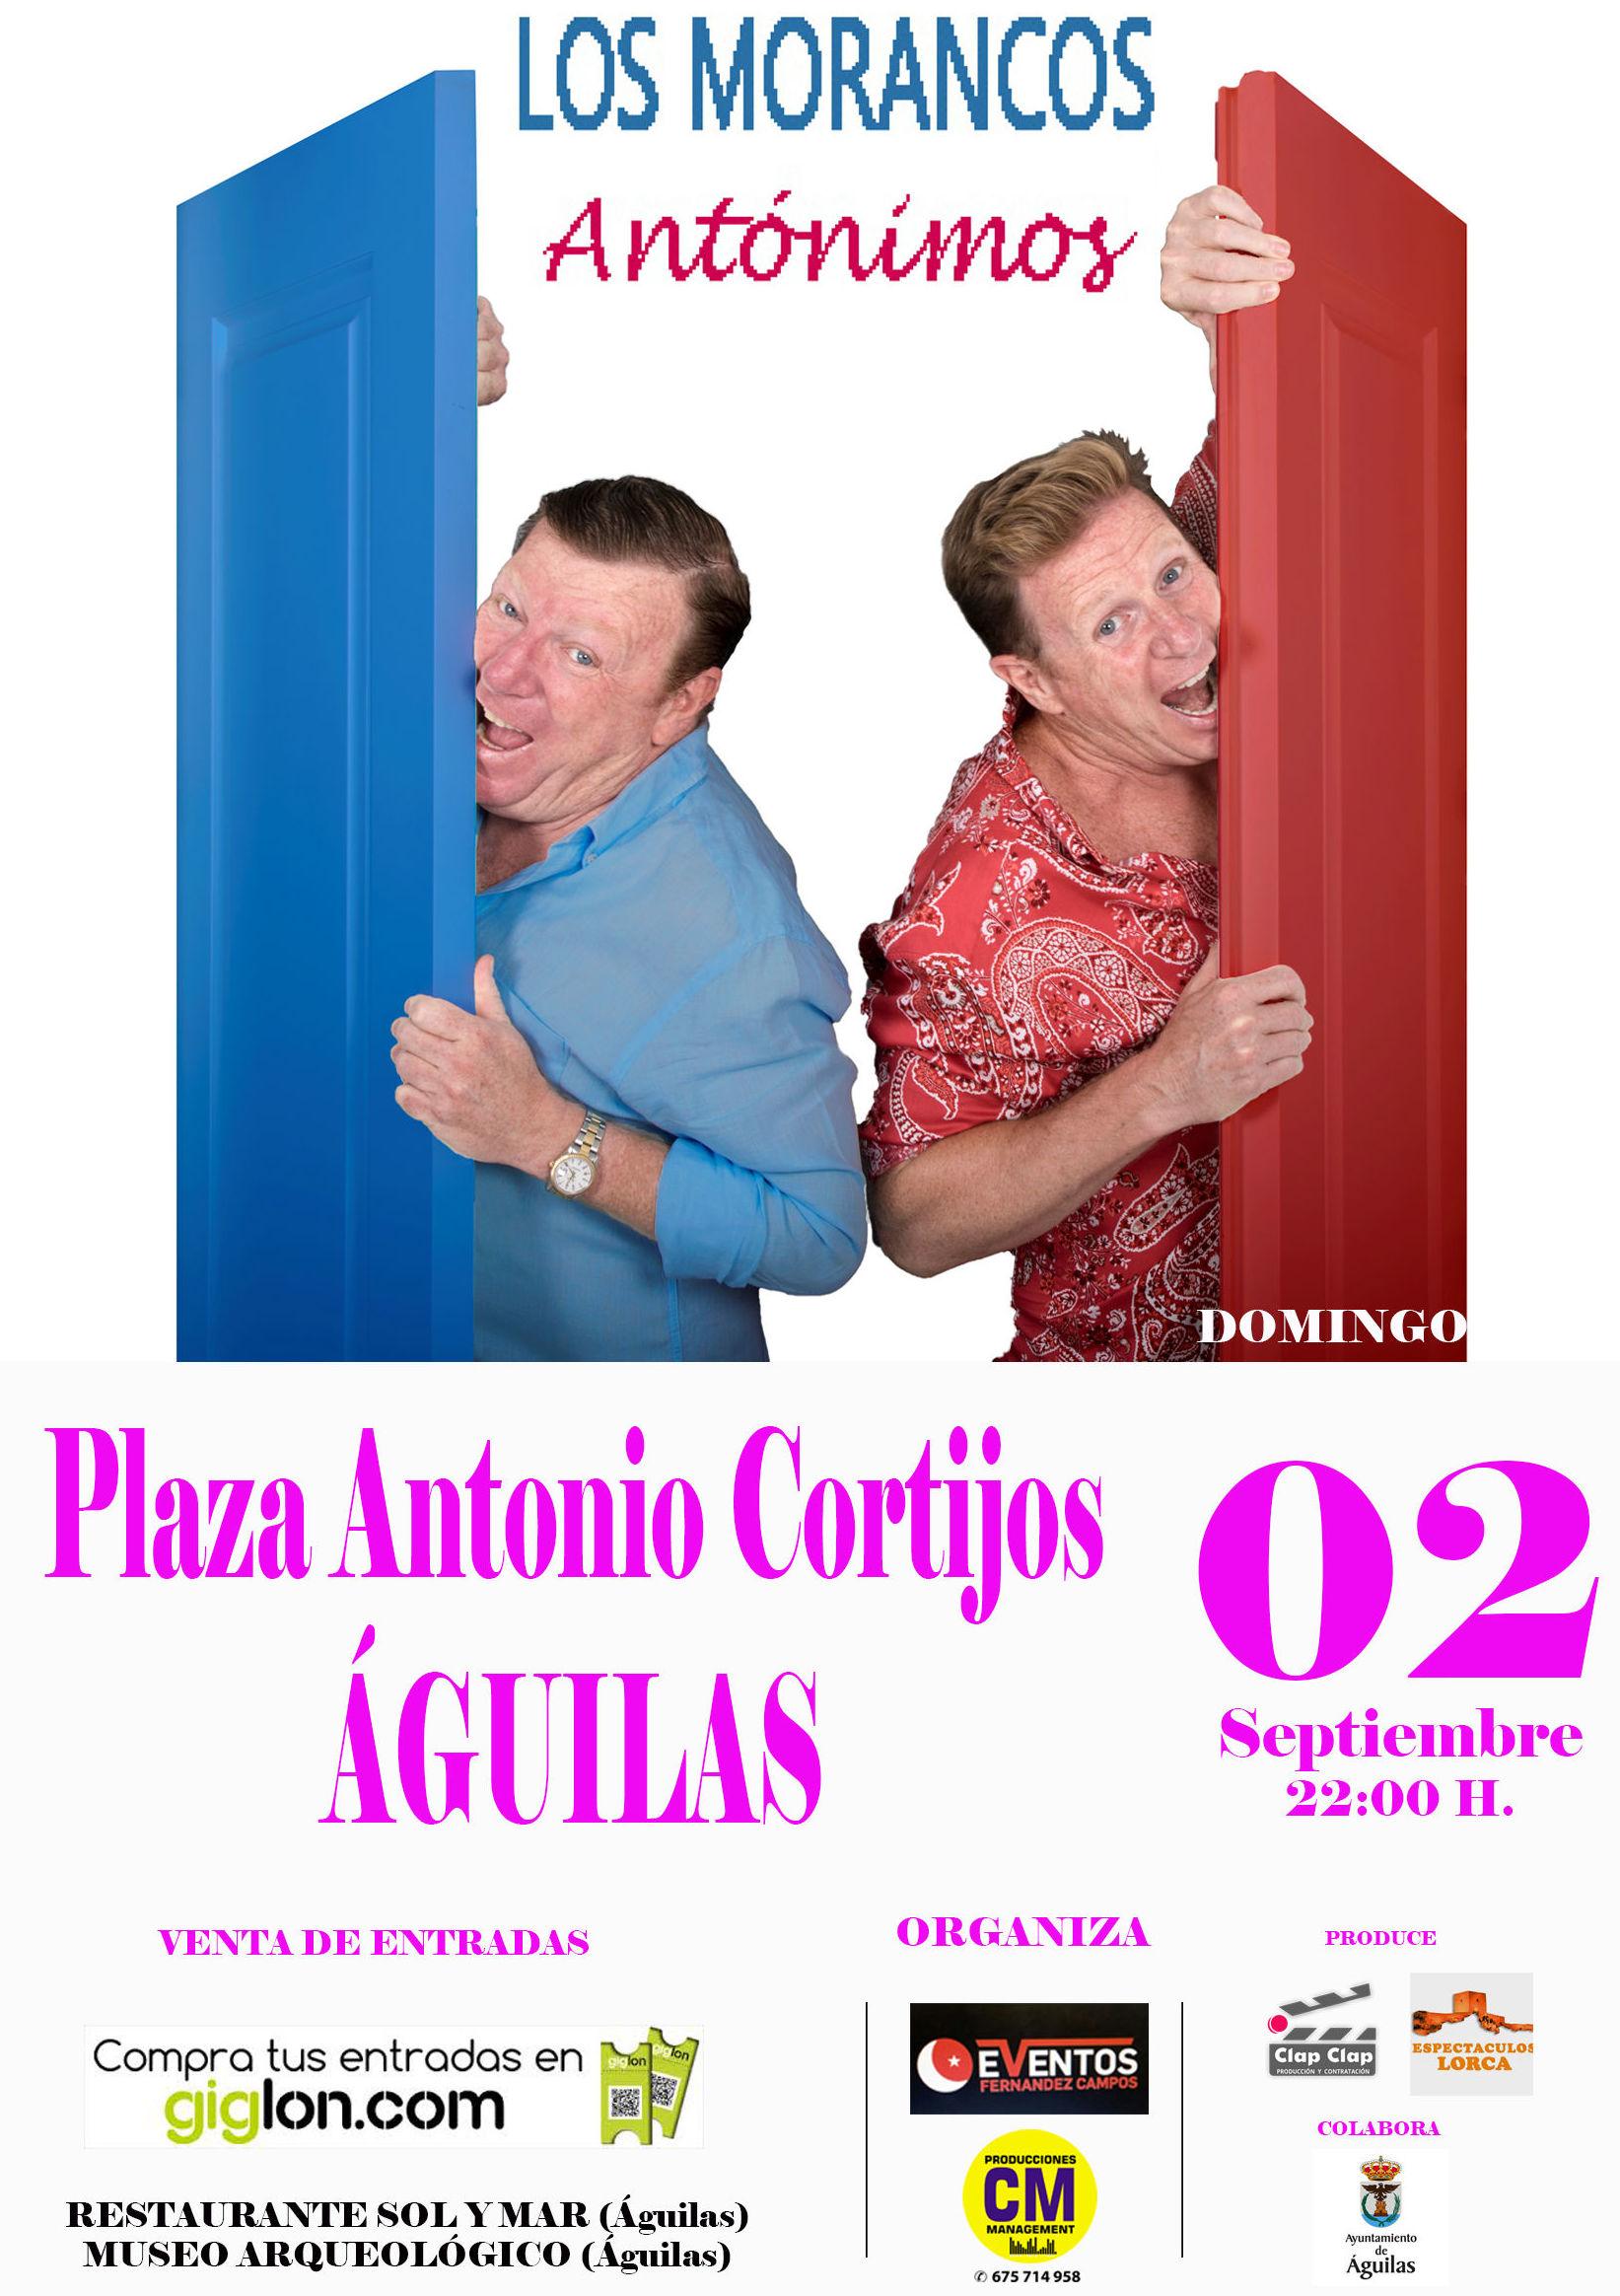 Los Morancos: Catálogo de actuaciones de Espectáculos Clap Clap Producciones, Música, Teatro y mucho más